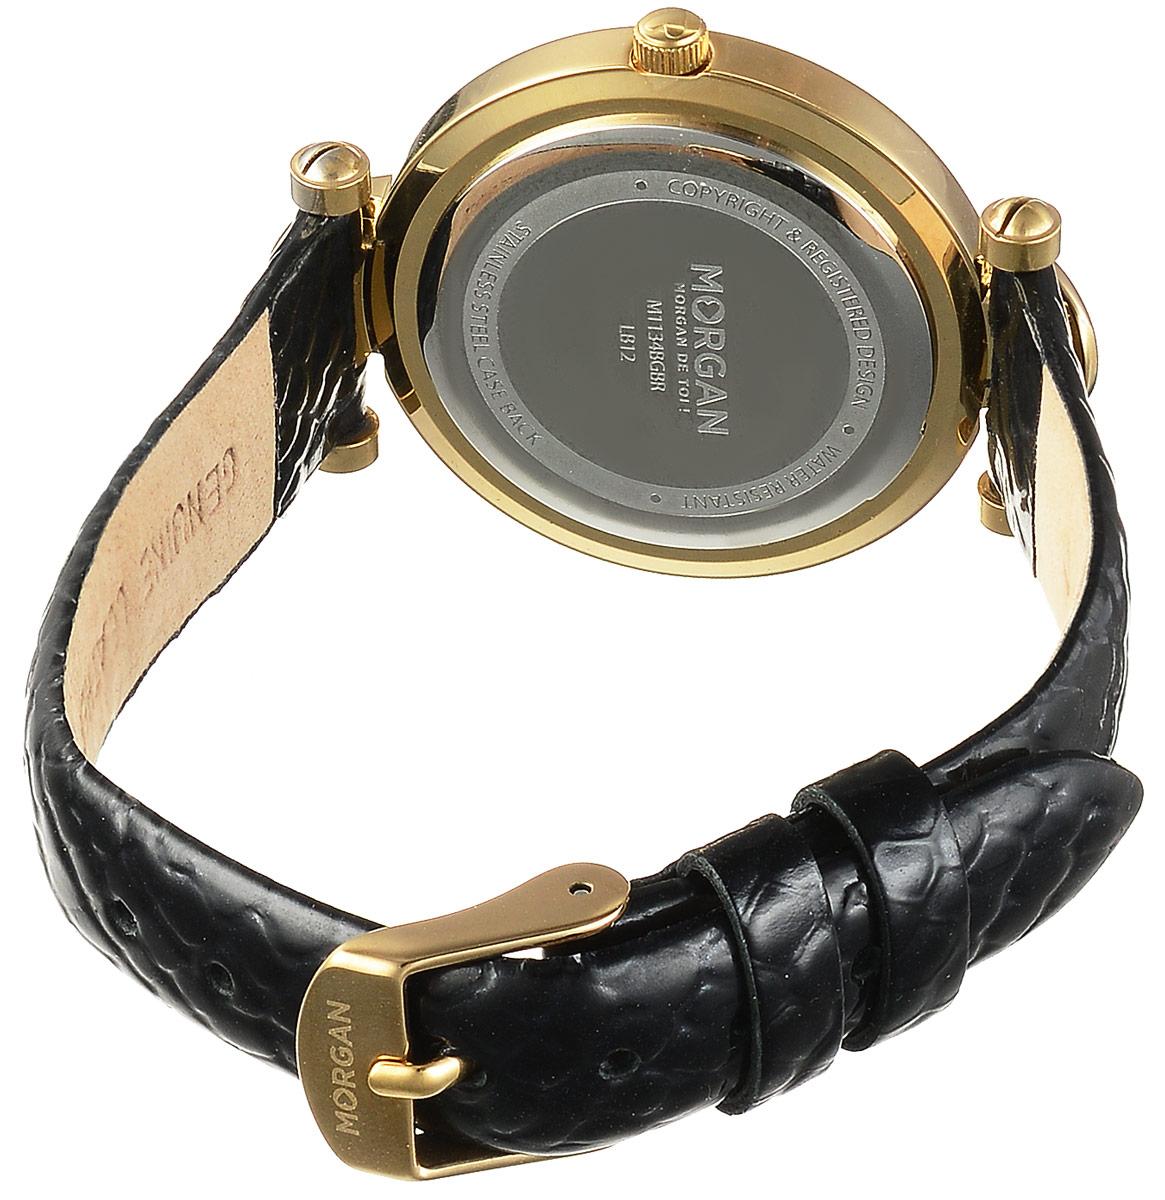 Часы наручные женские Morgan, цвет: золотой, черный. M1134BGBR ( M1134BGBR )